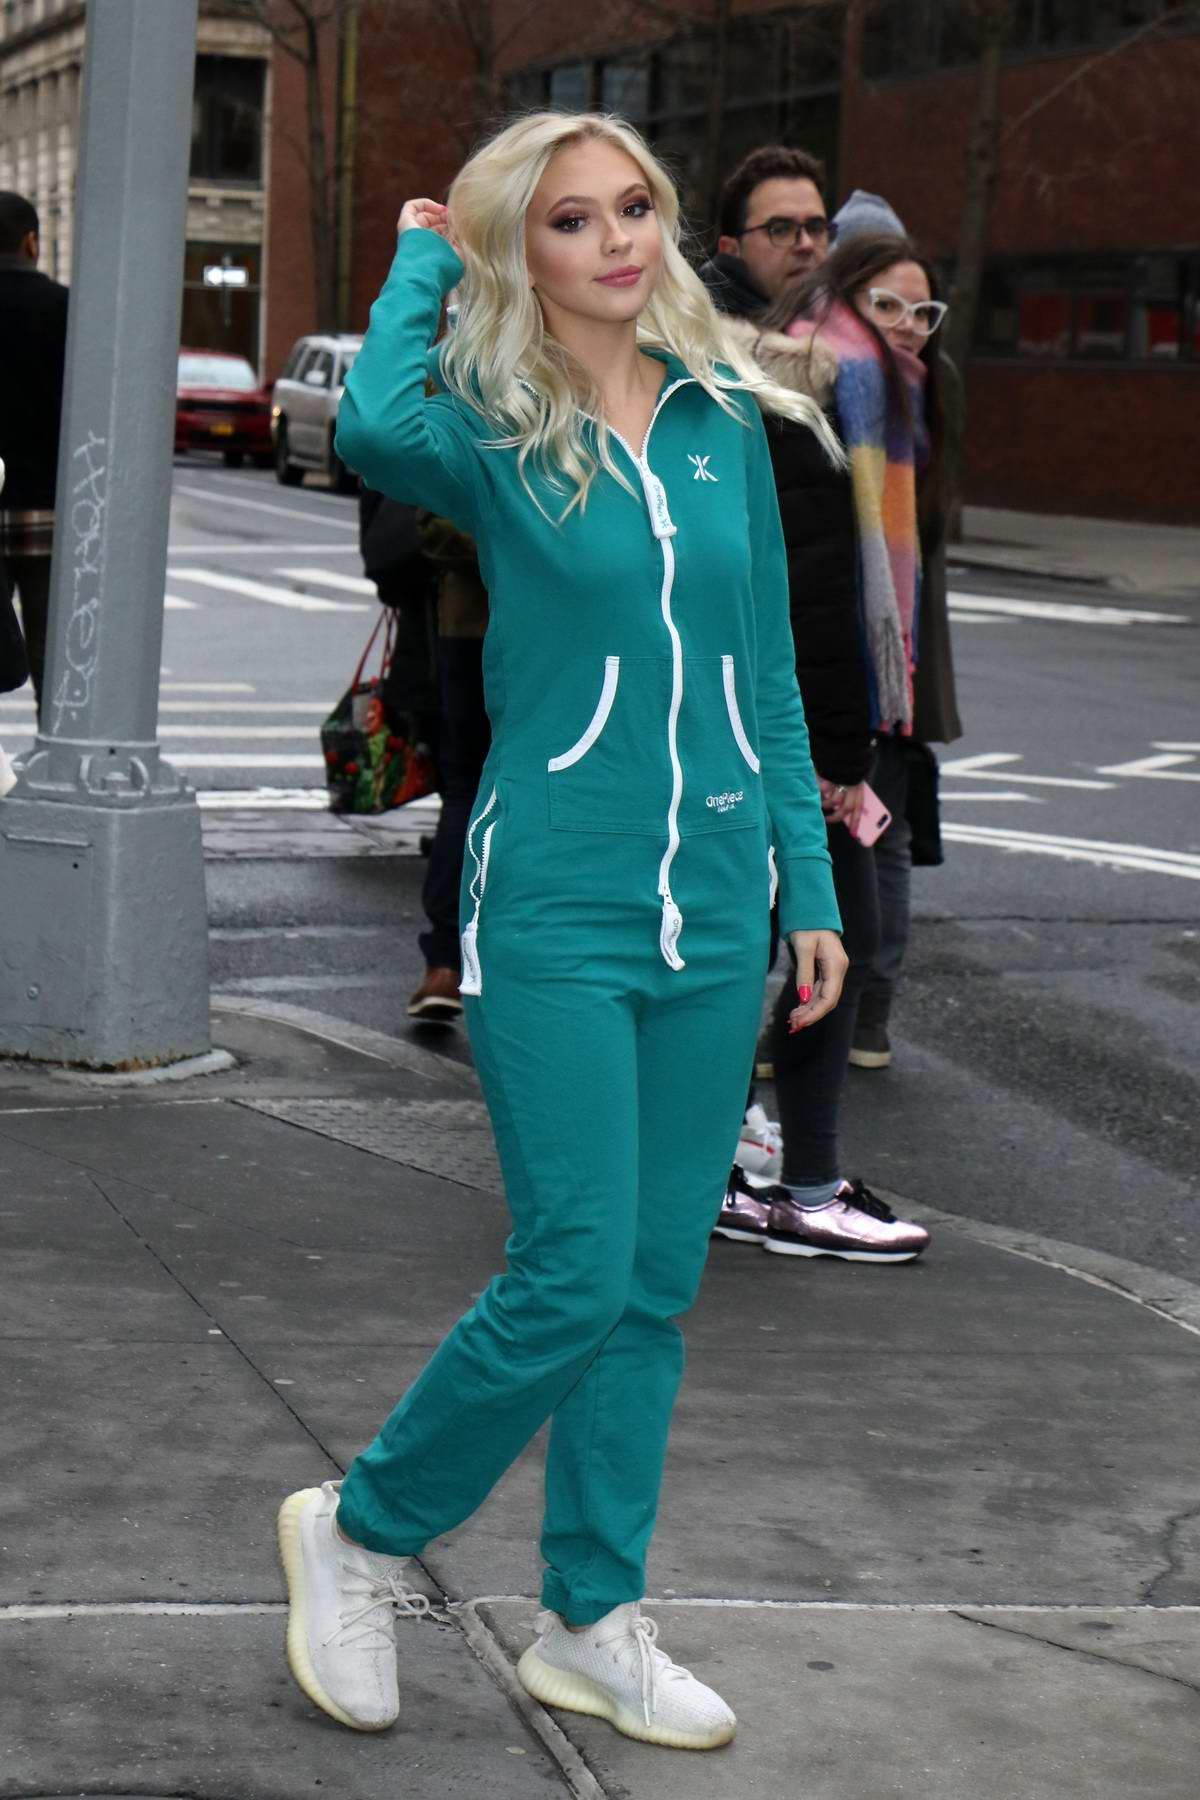 Jordyn Jones looks cute in a teal onesie as she leaves Build Series in New York City